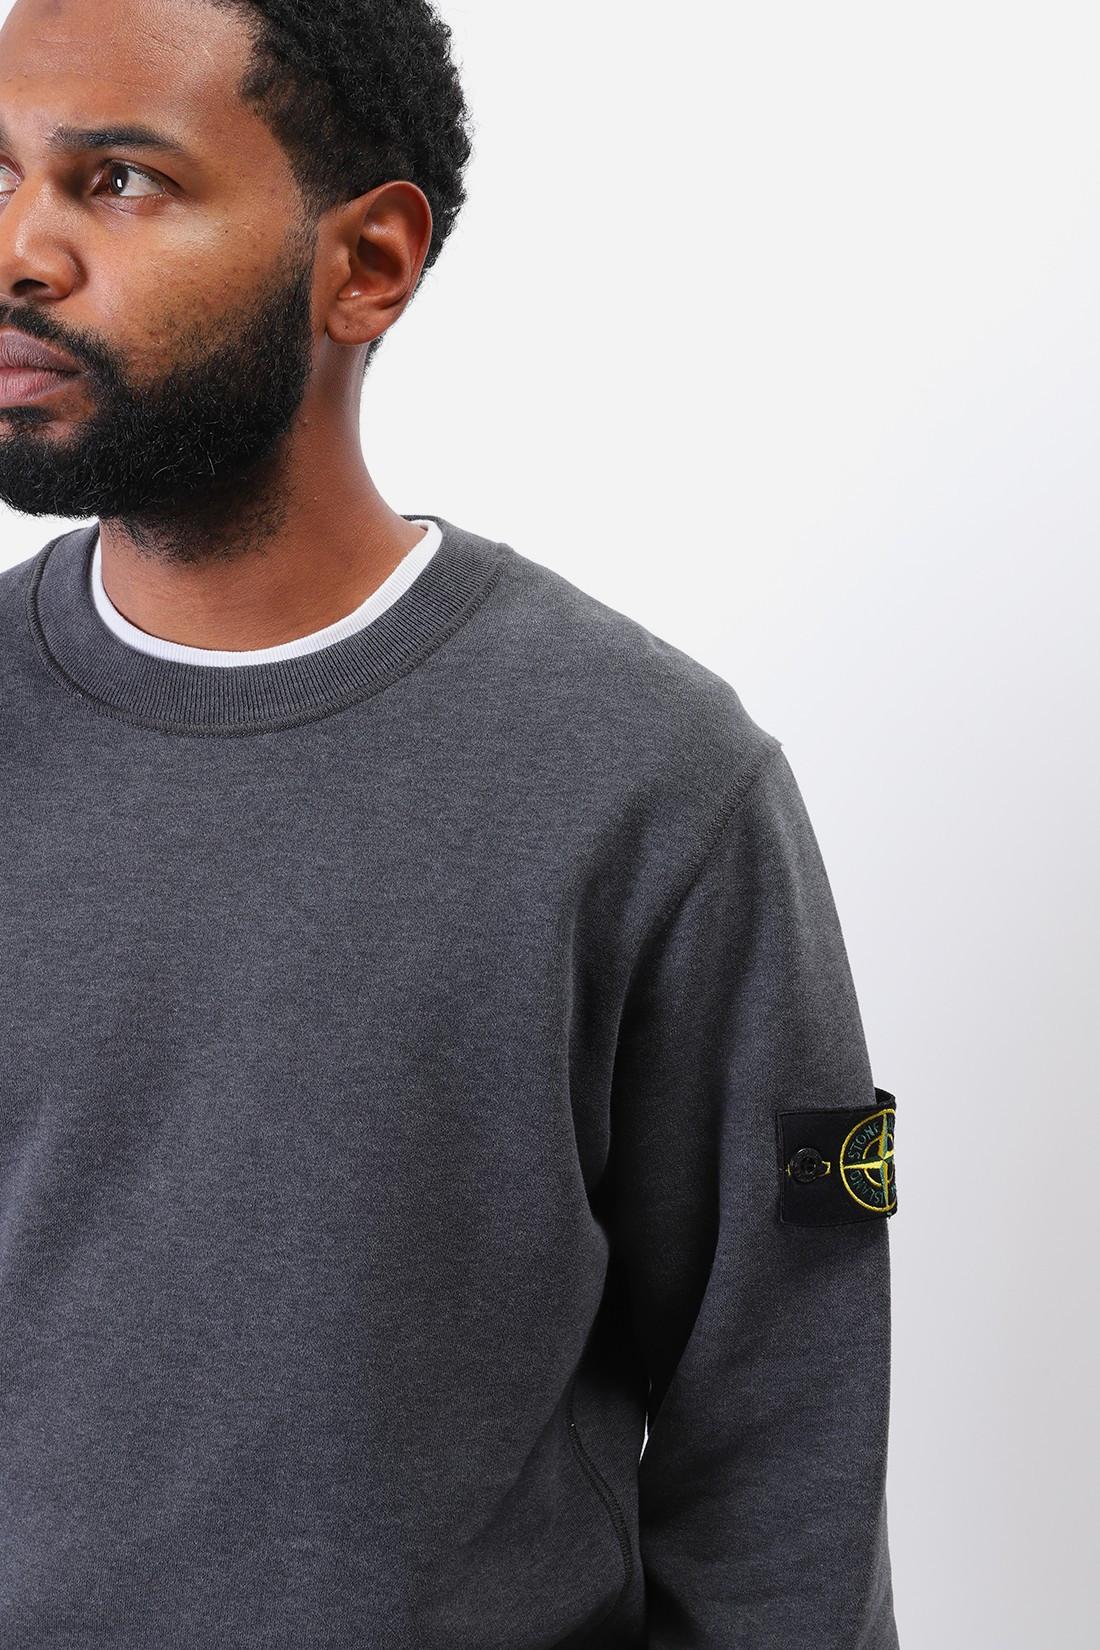 STONE ISLAND / 63020 crewneck sweater v0m67 Fumo melange